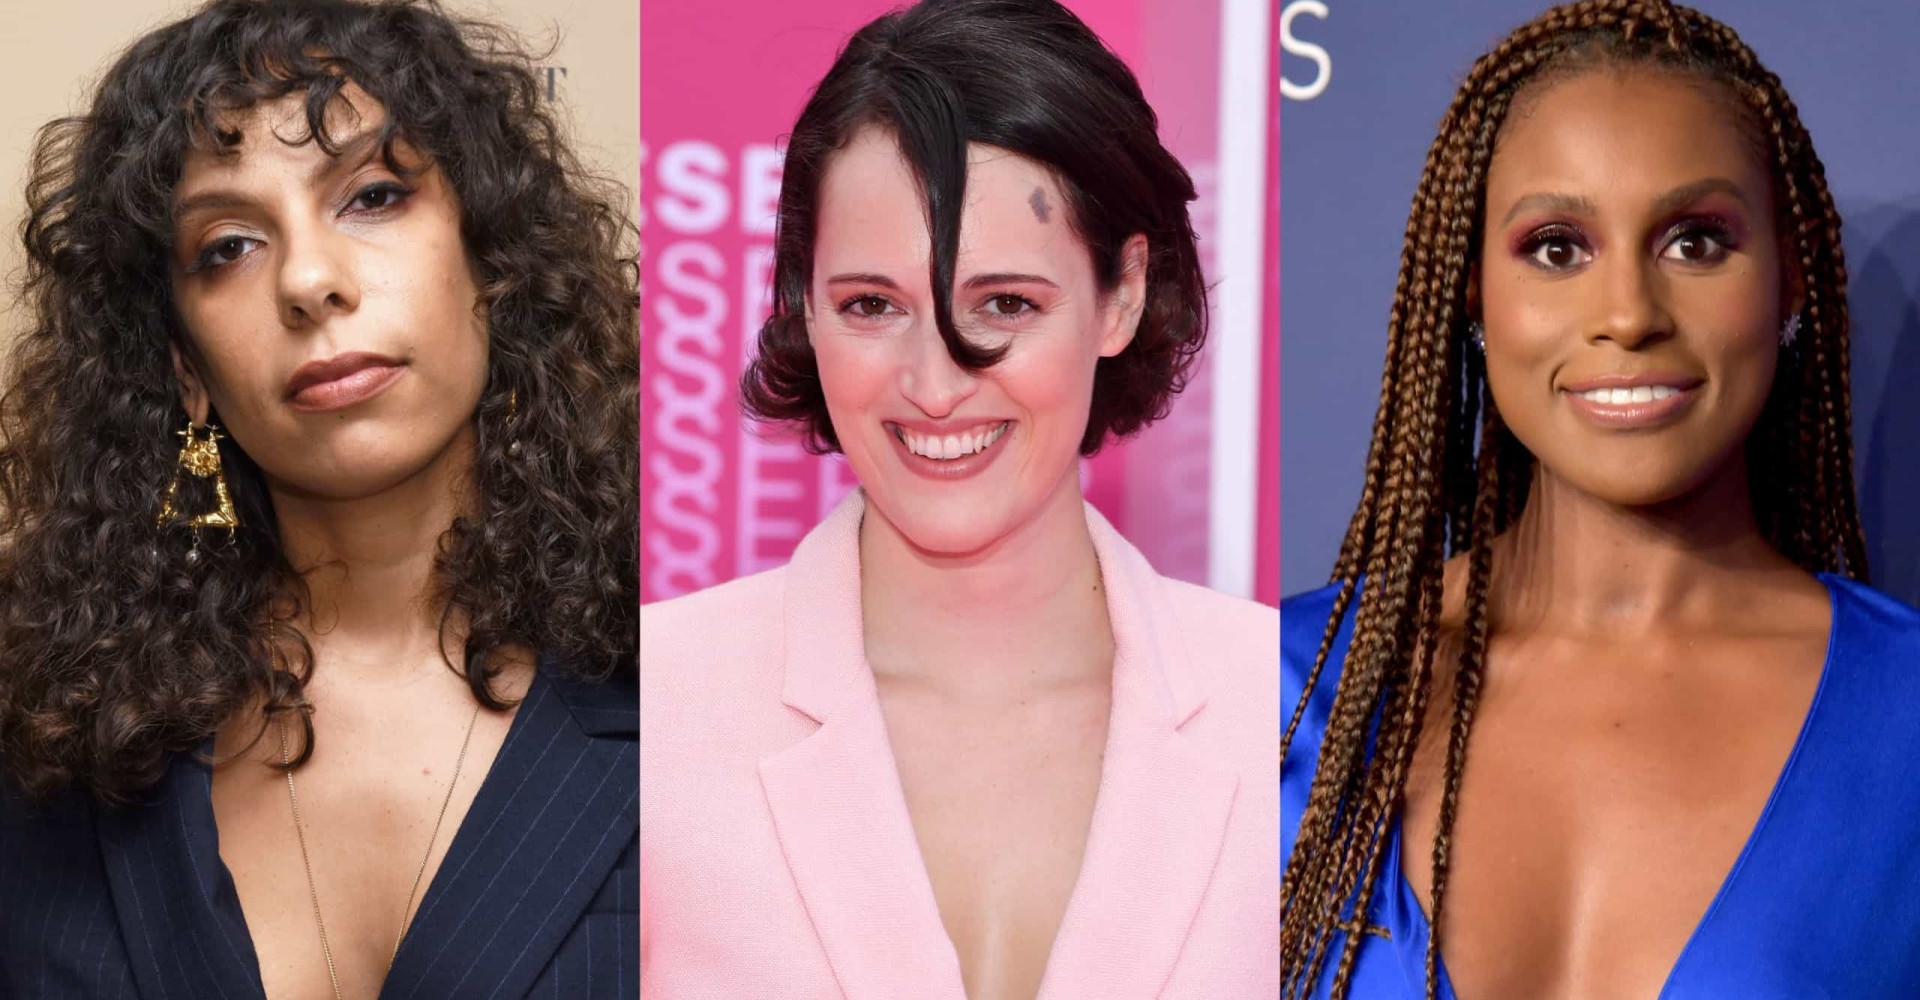 Kvinnelige forfattere og regissører som gjør en forskjell innen TV